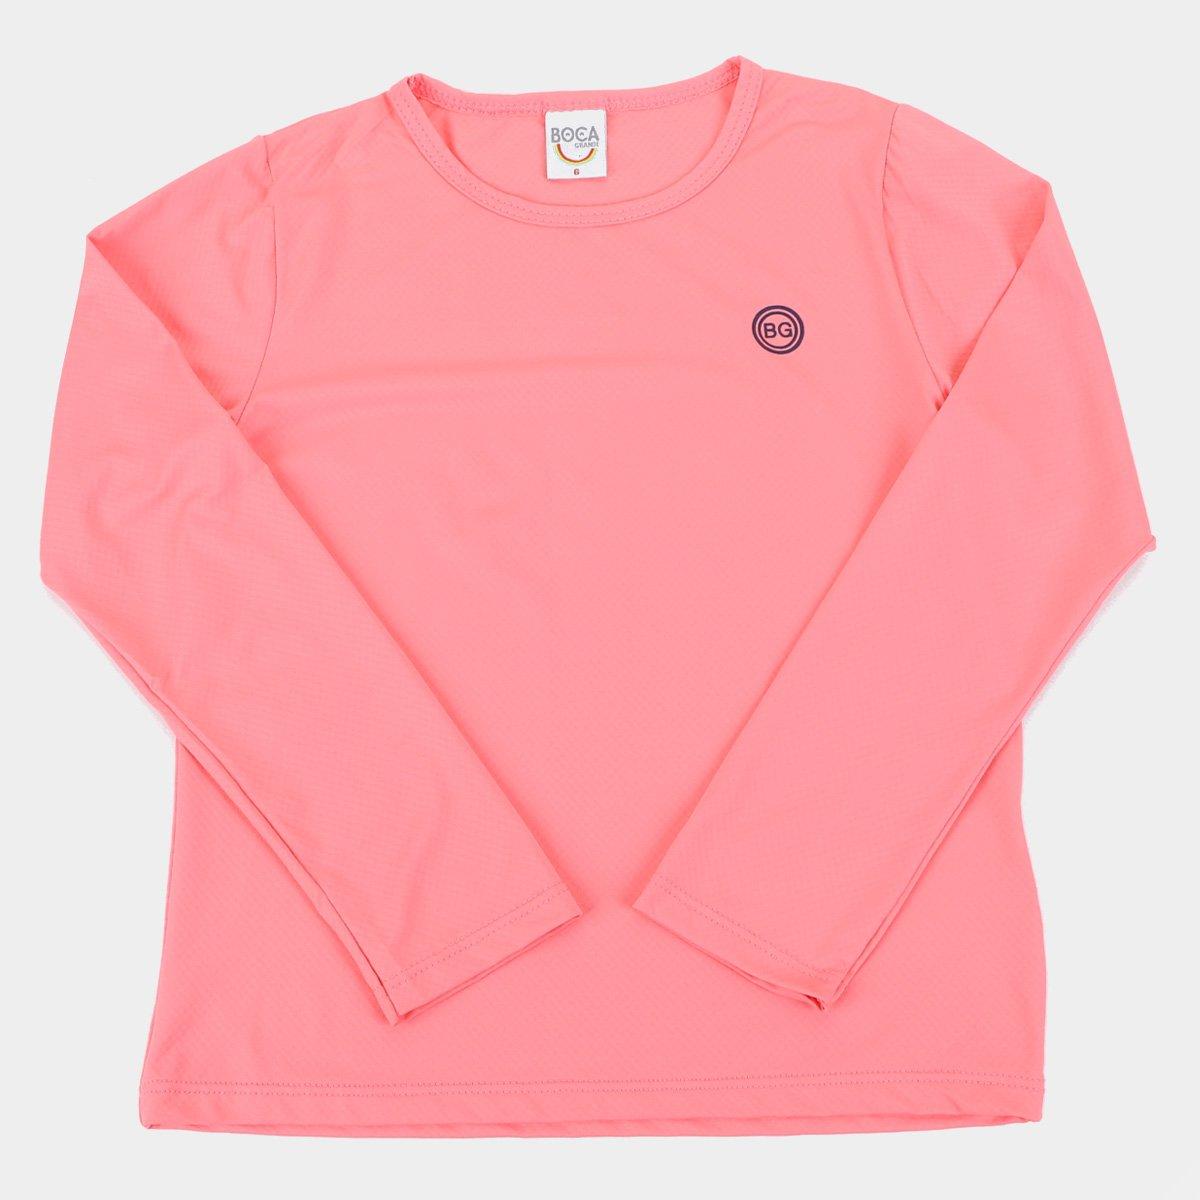 Camiseta de Praia Infantil Boca Grande Proteção UV50+ Feminina